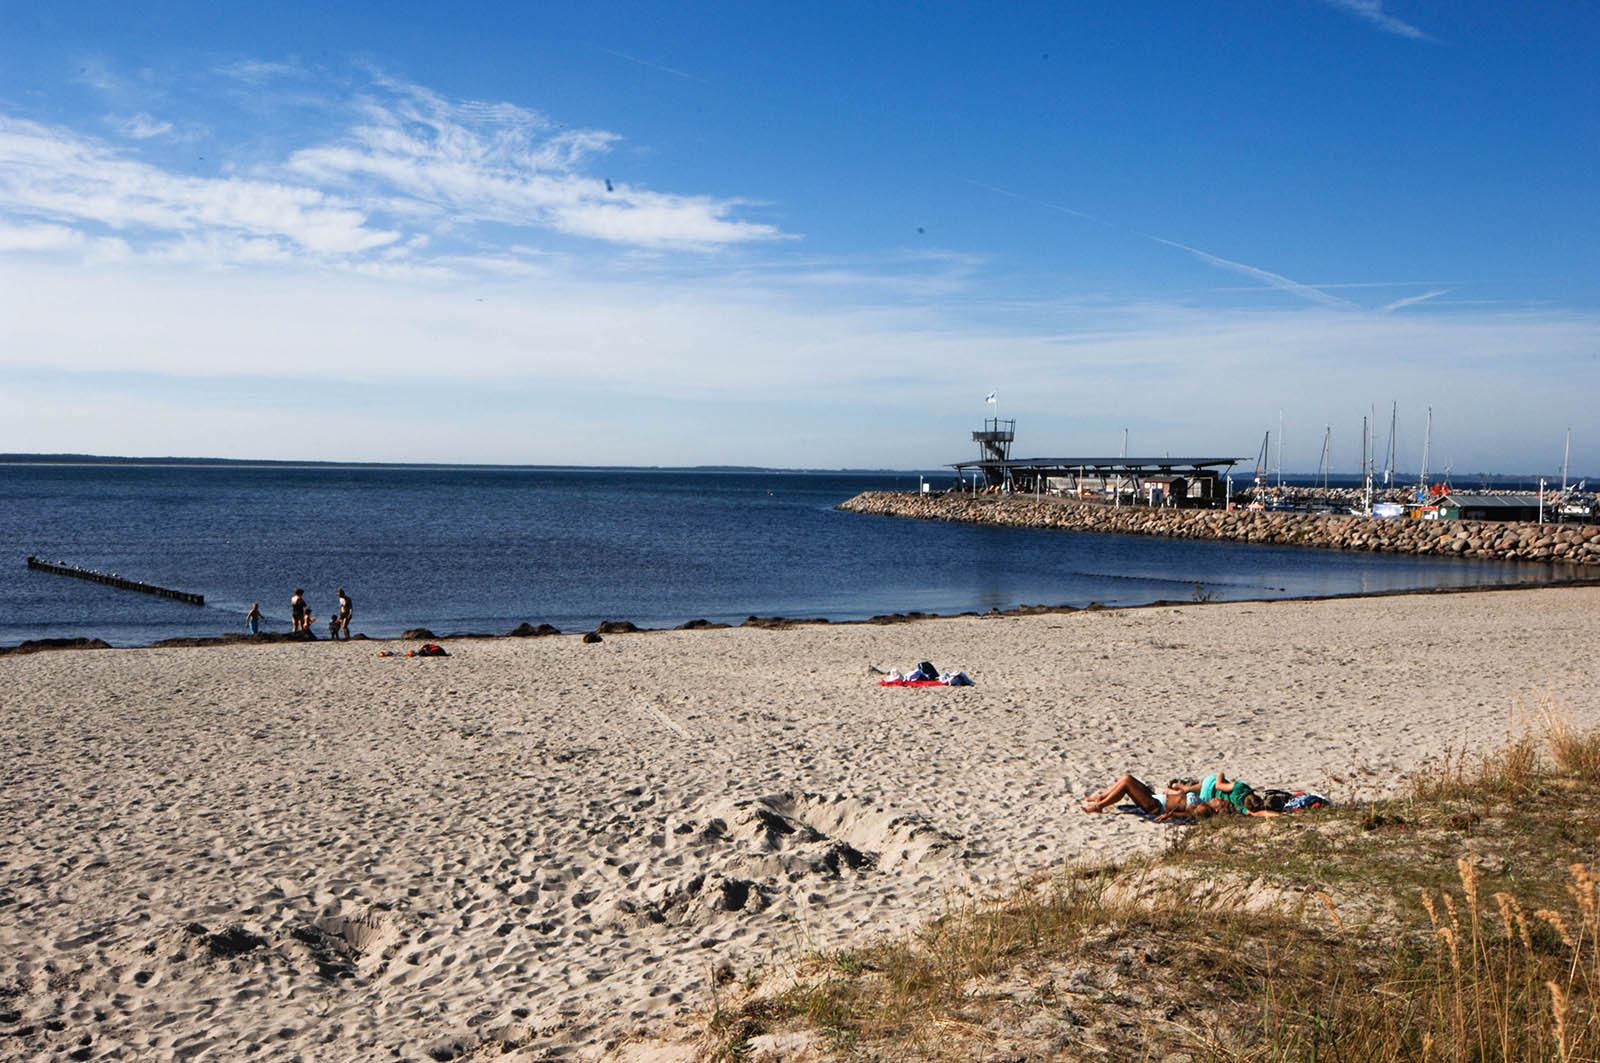 Freizeitangebote - Ferienhaus Glowe auf der Insel Rügen  Freizeitangebot...